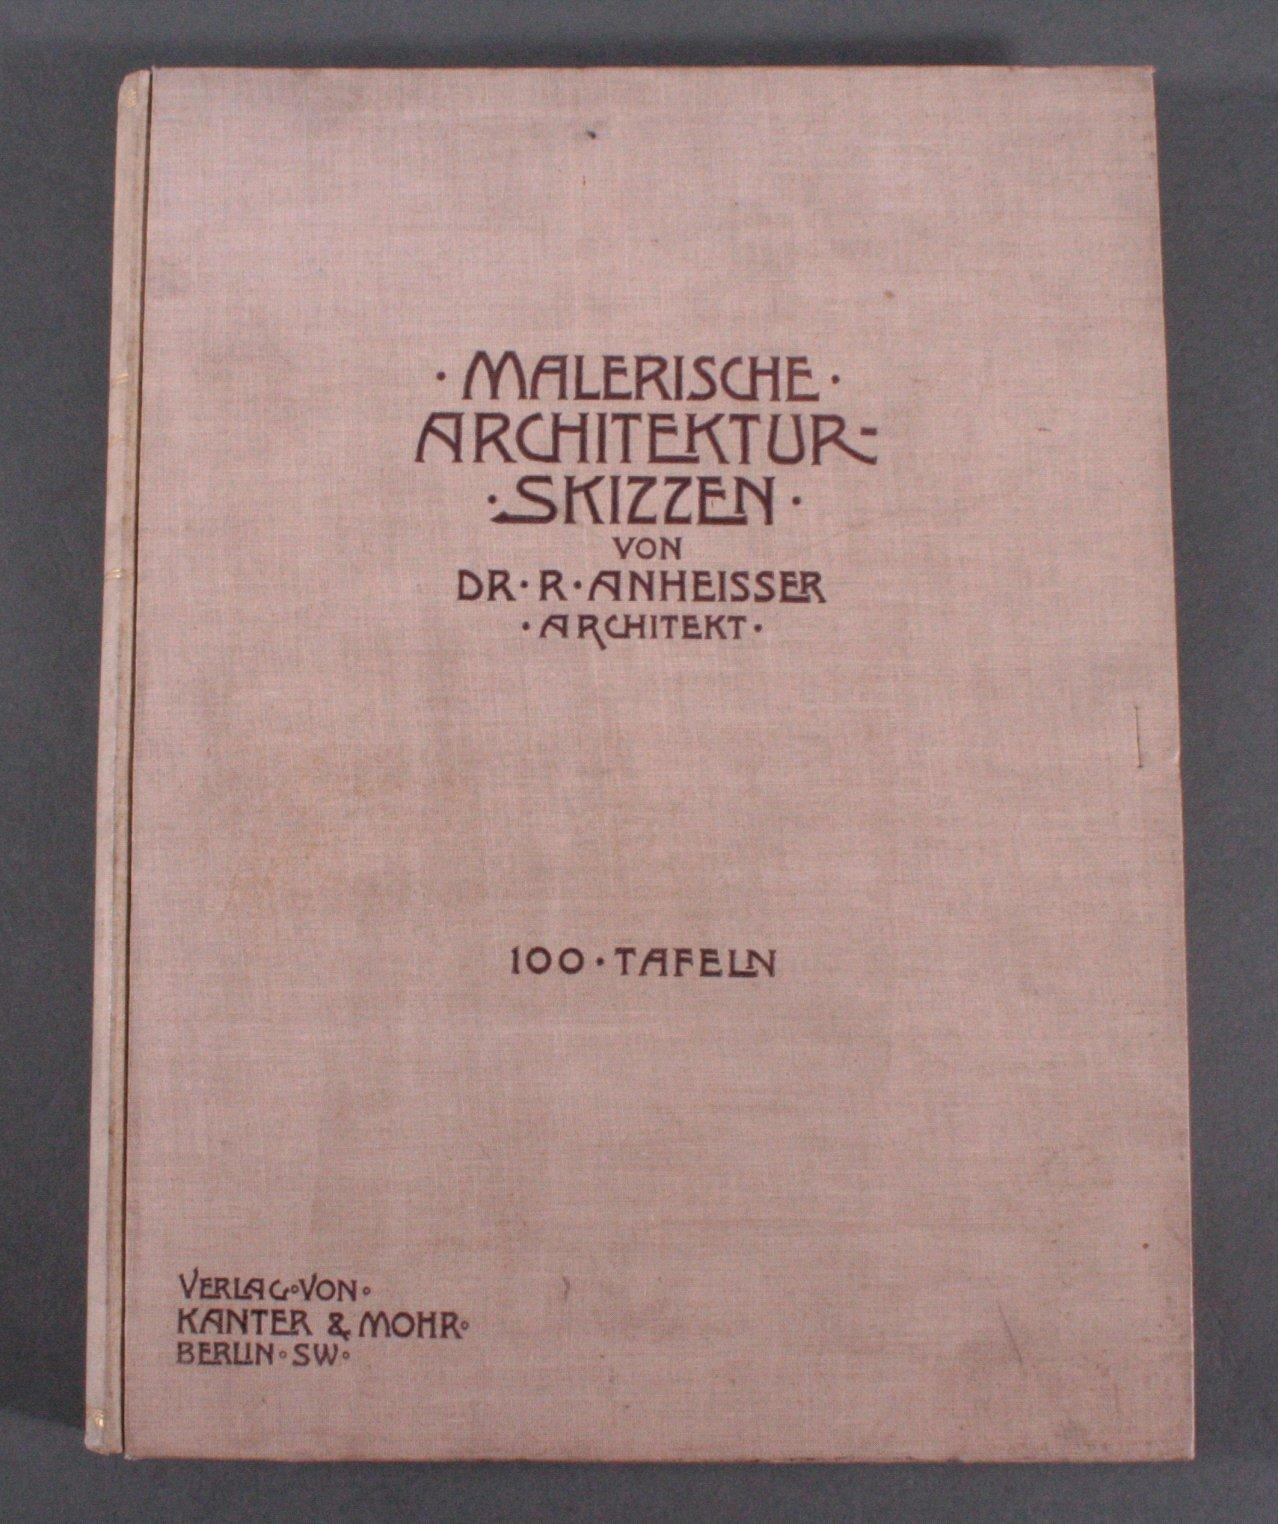 Malerische Architektur-Skizzen, 100 Tafeln